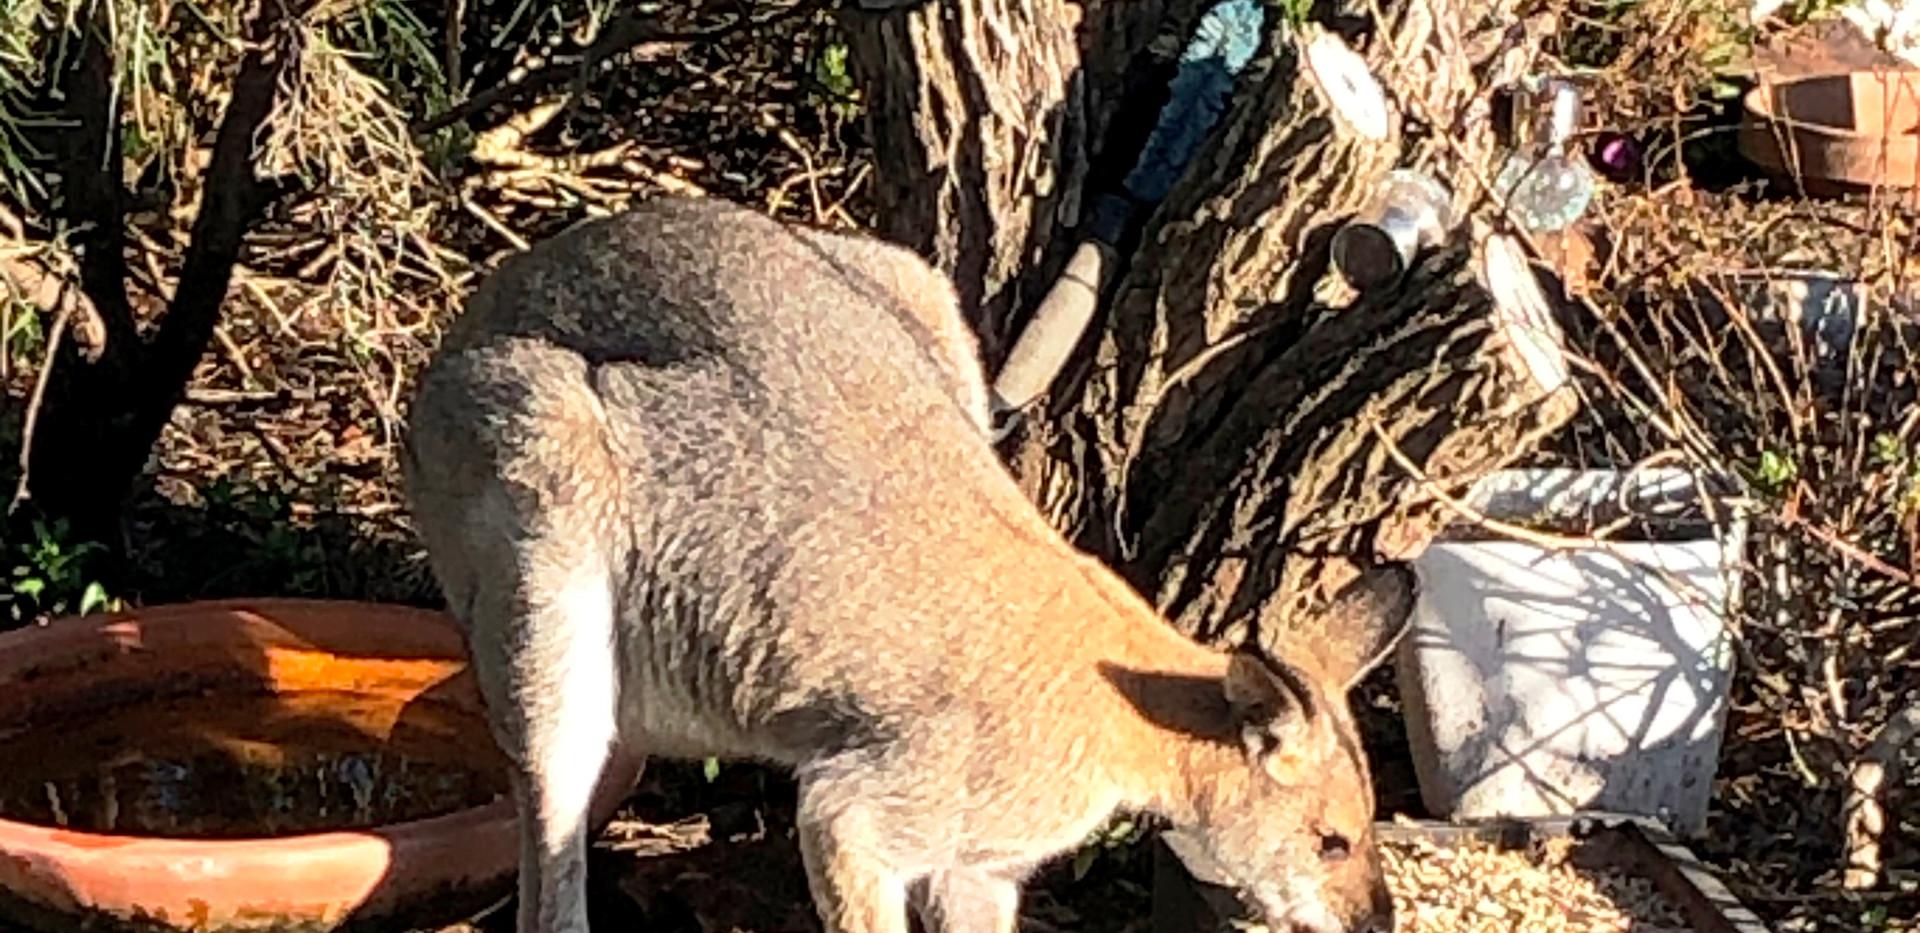 Kangaroos breakfast